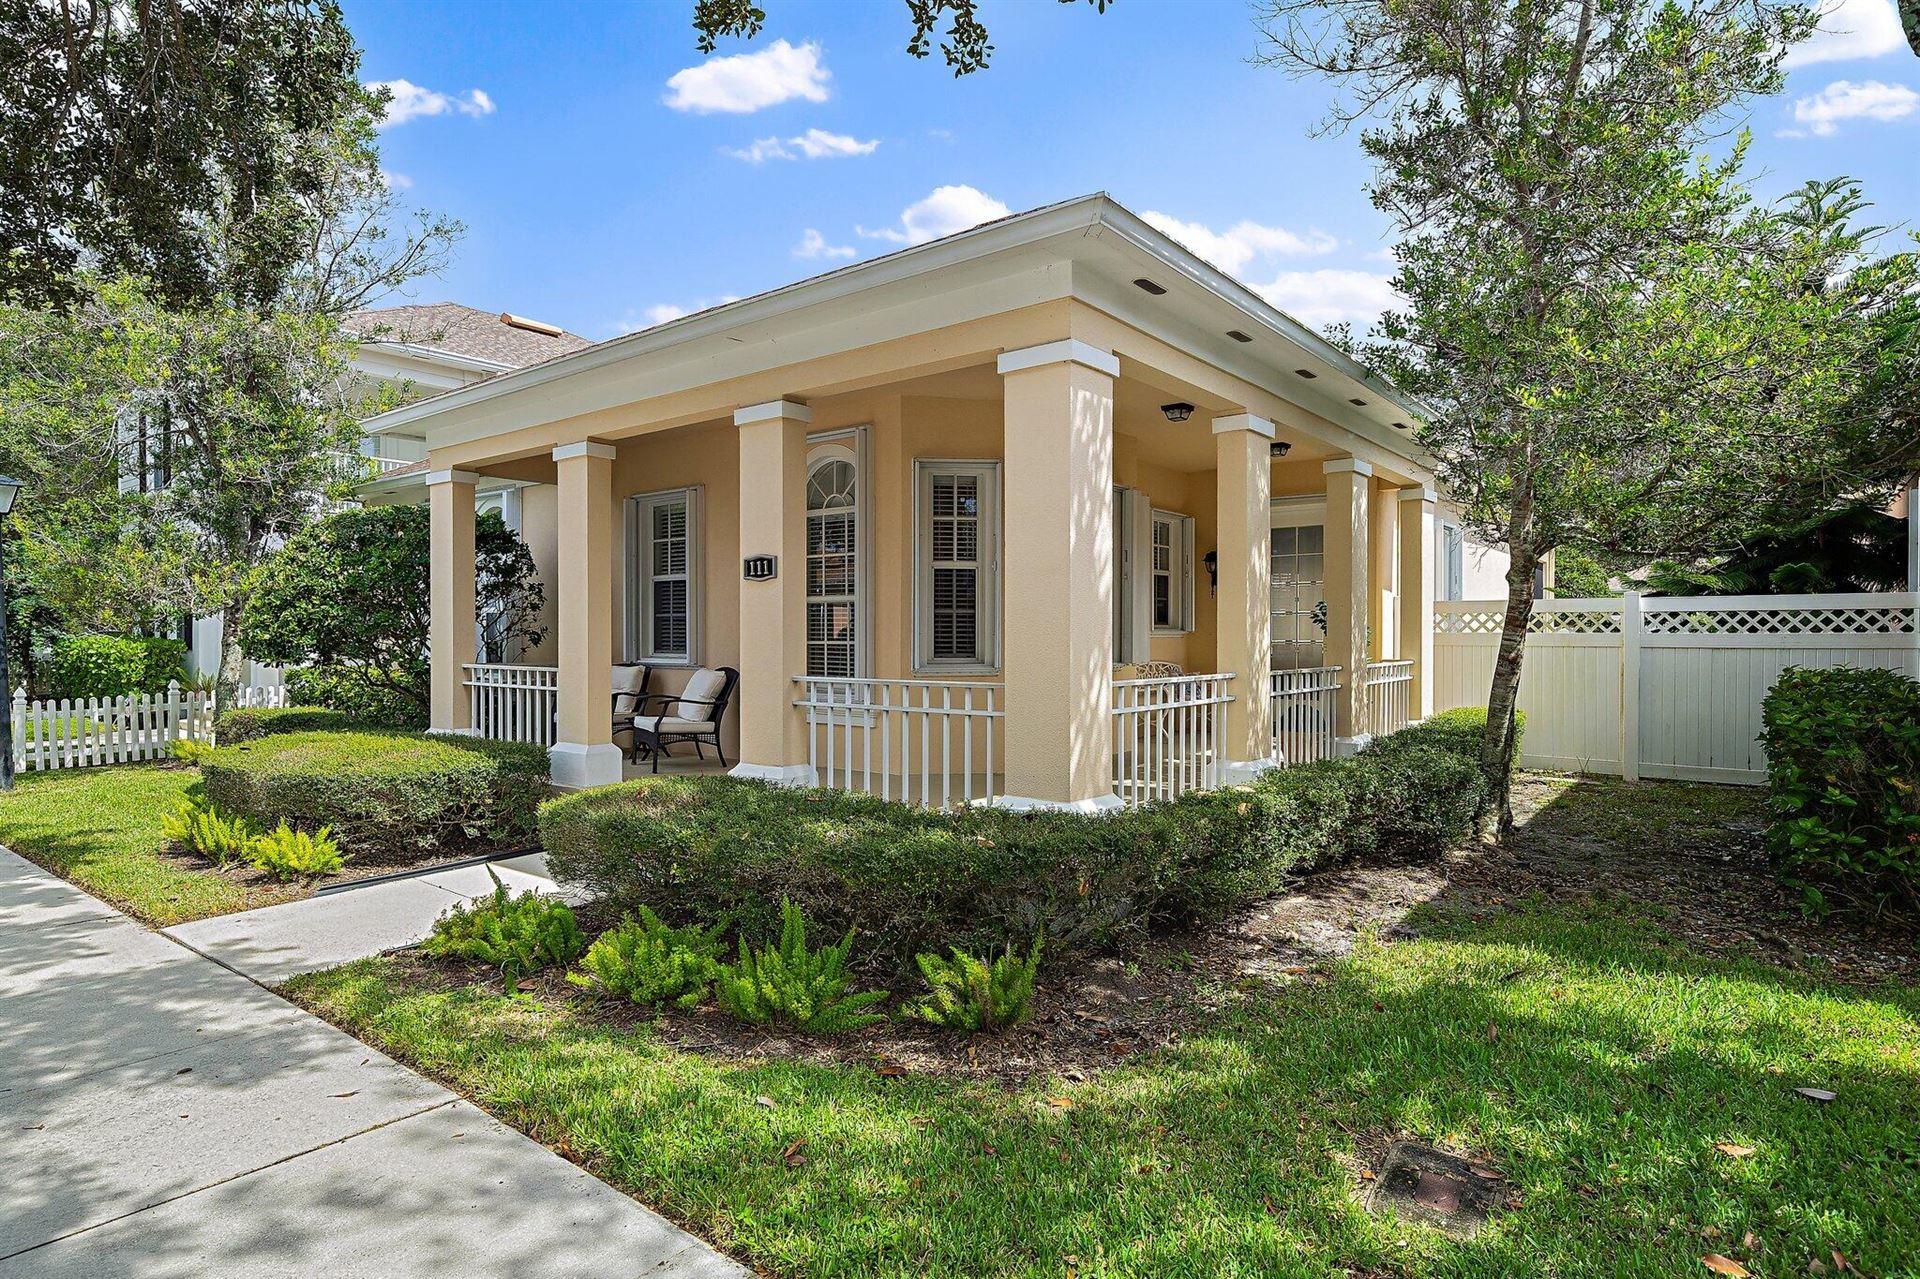 Photo of 111 Milbridge Drive, Jupiter, FL 33458 (MLS # RX-10751112)